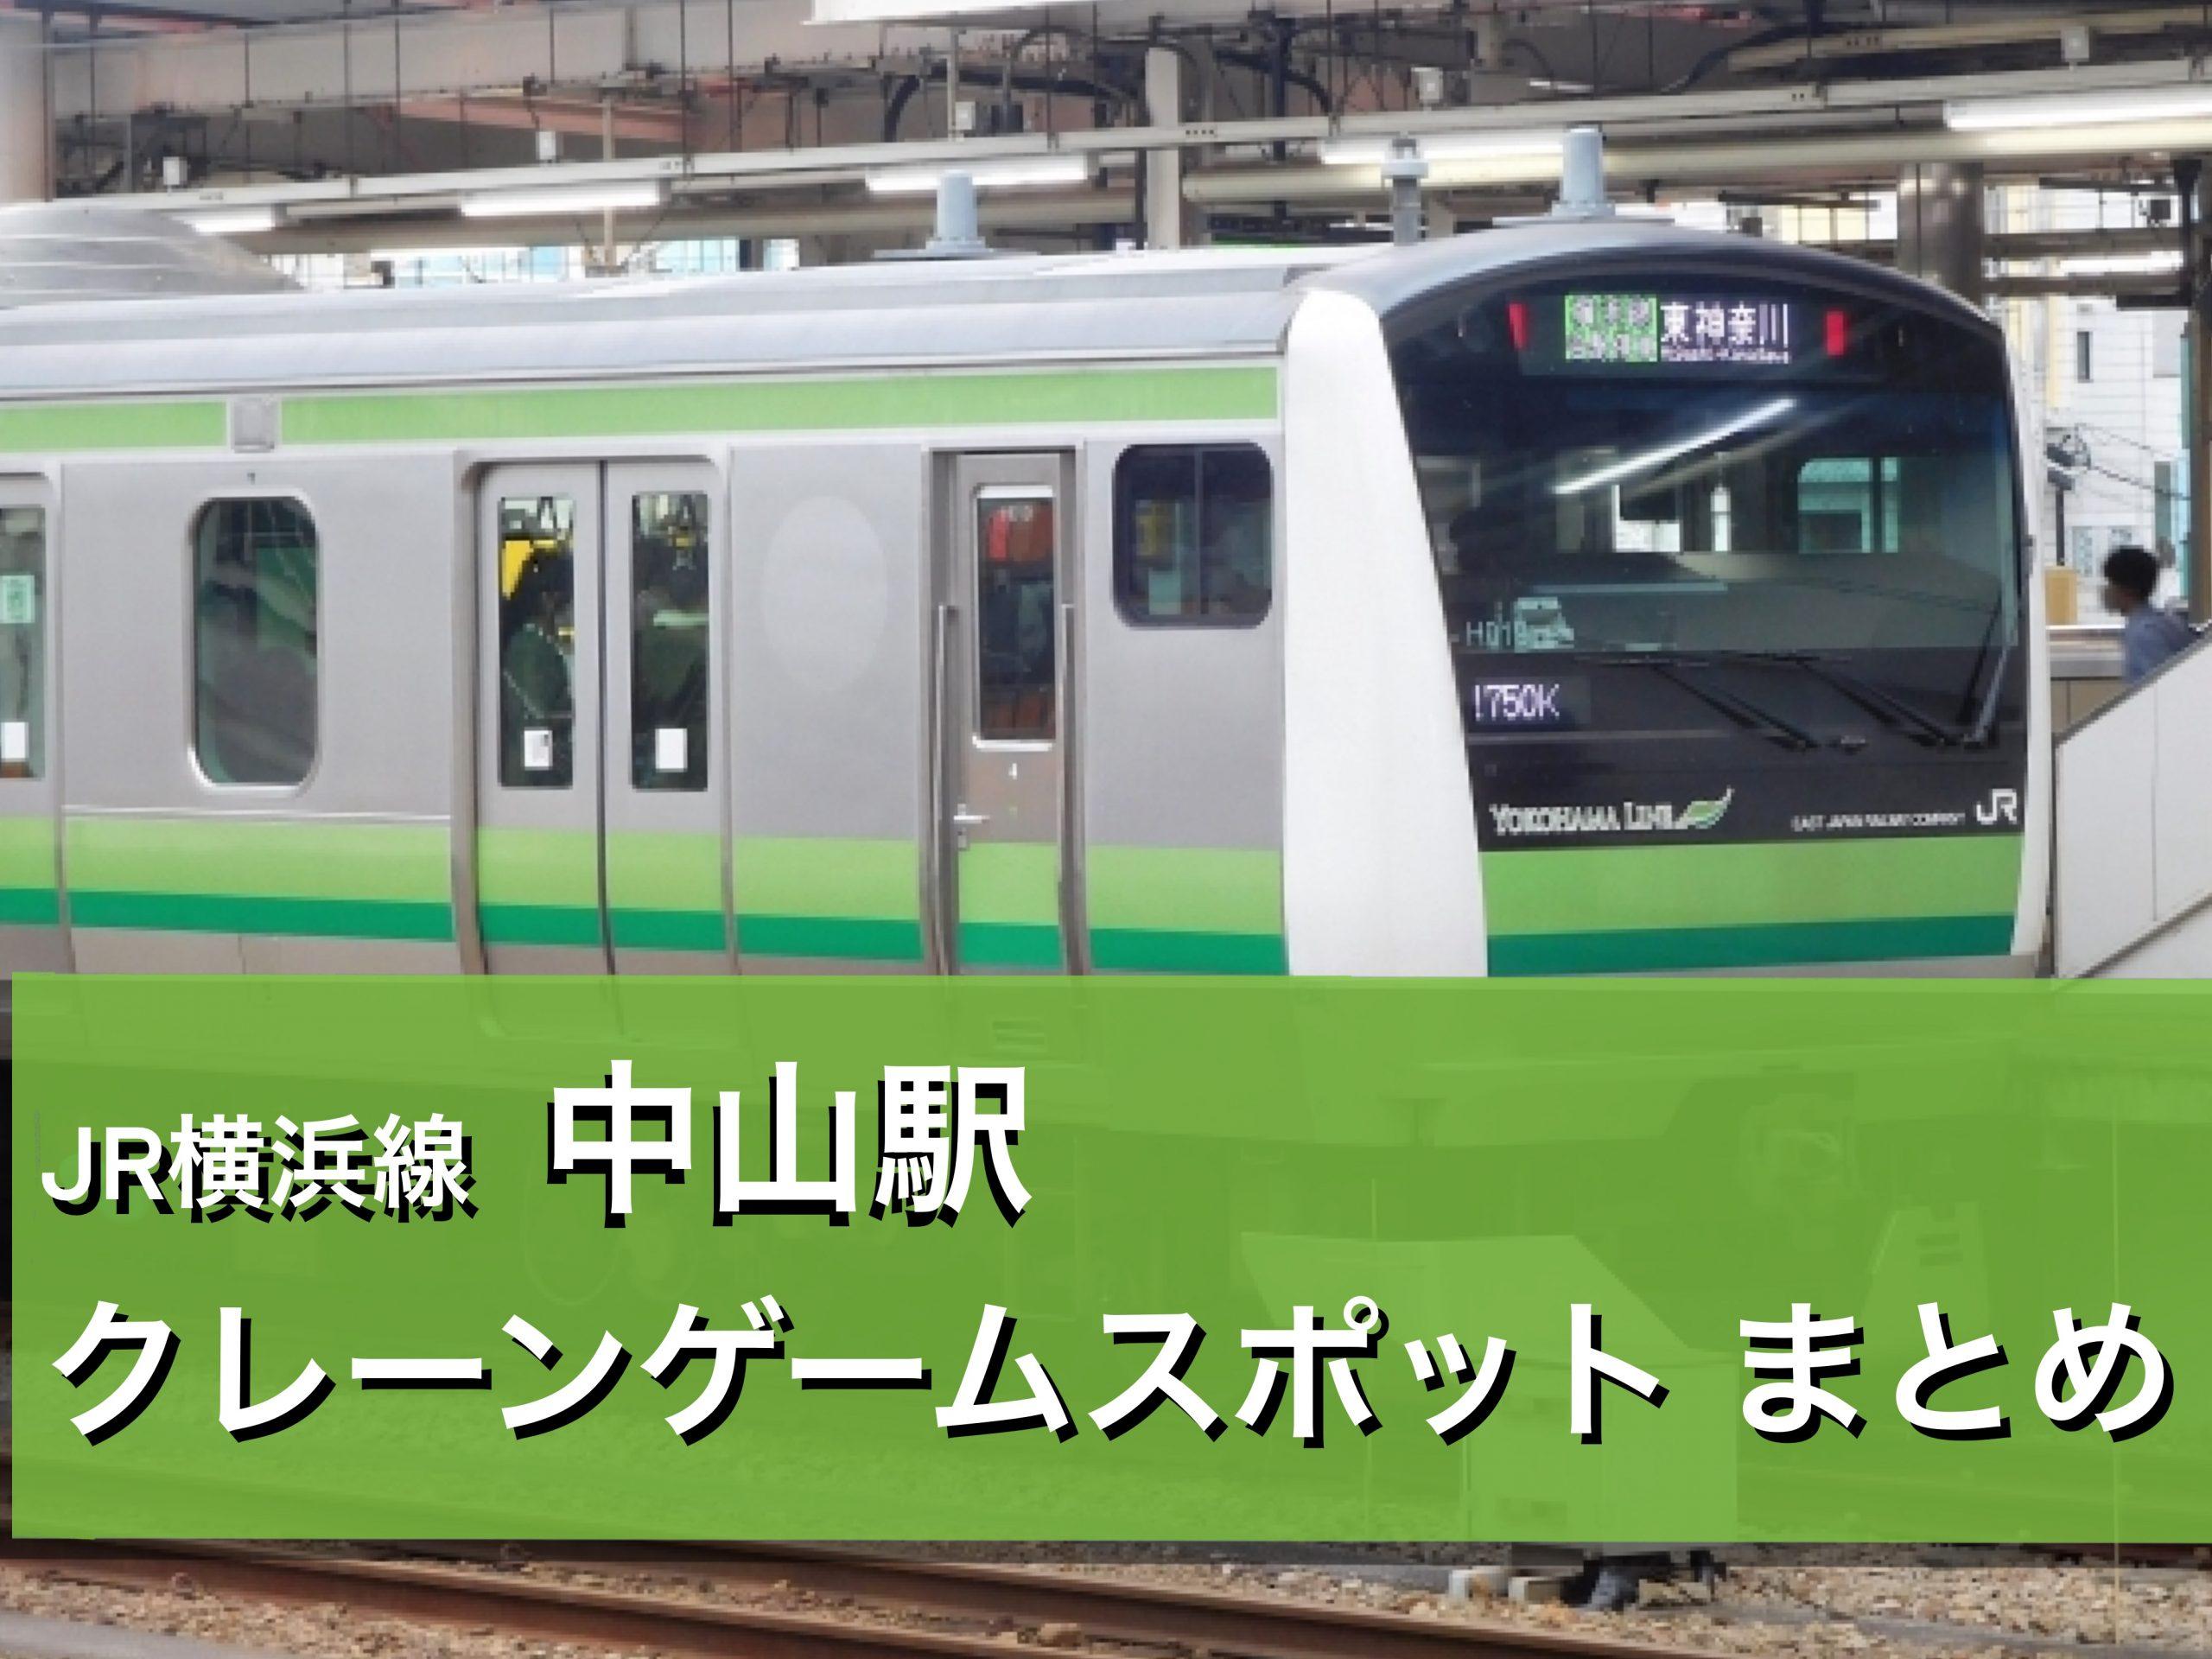 【中山駅】クレーンゲームができる場所